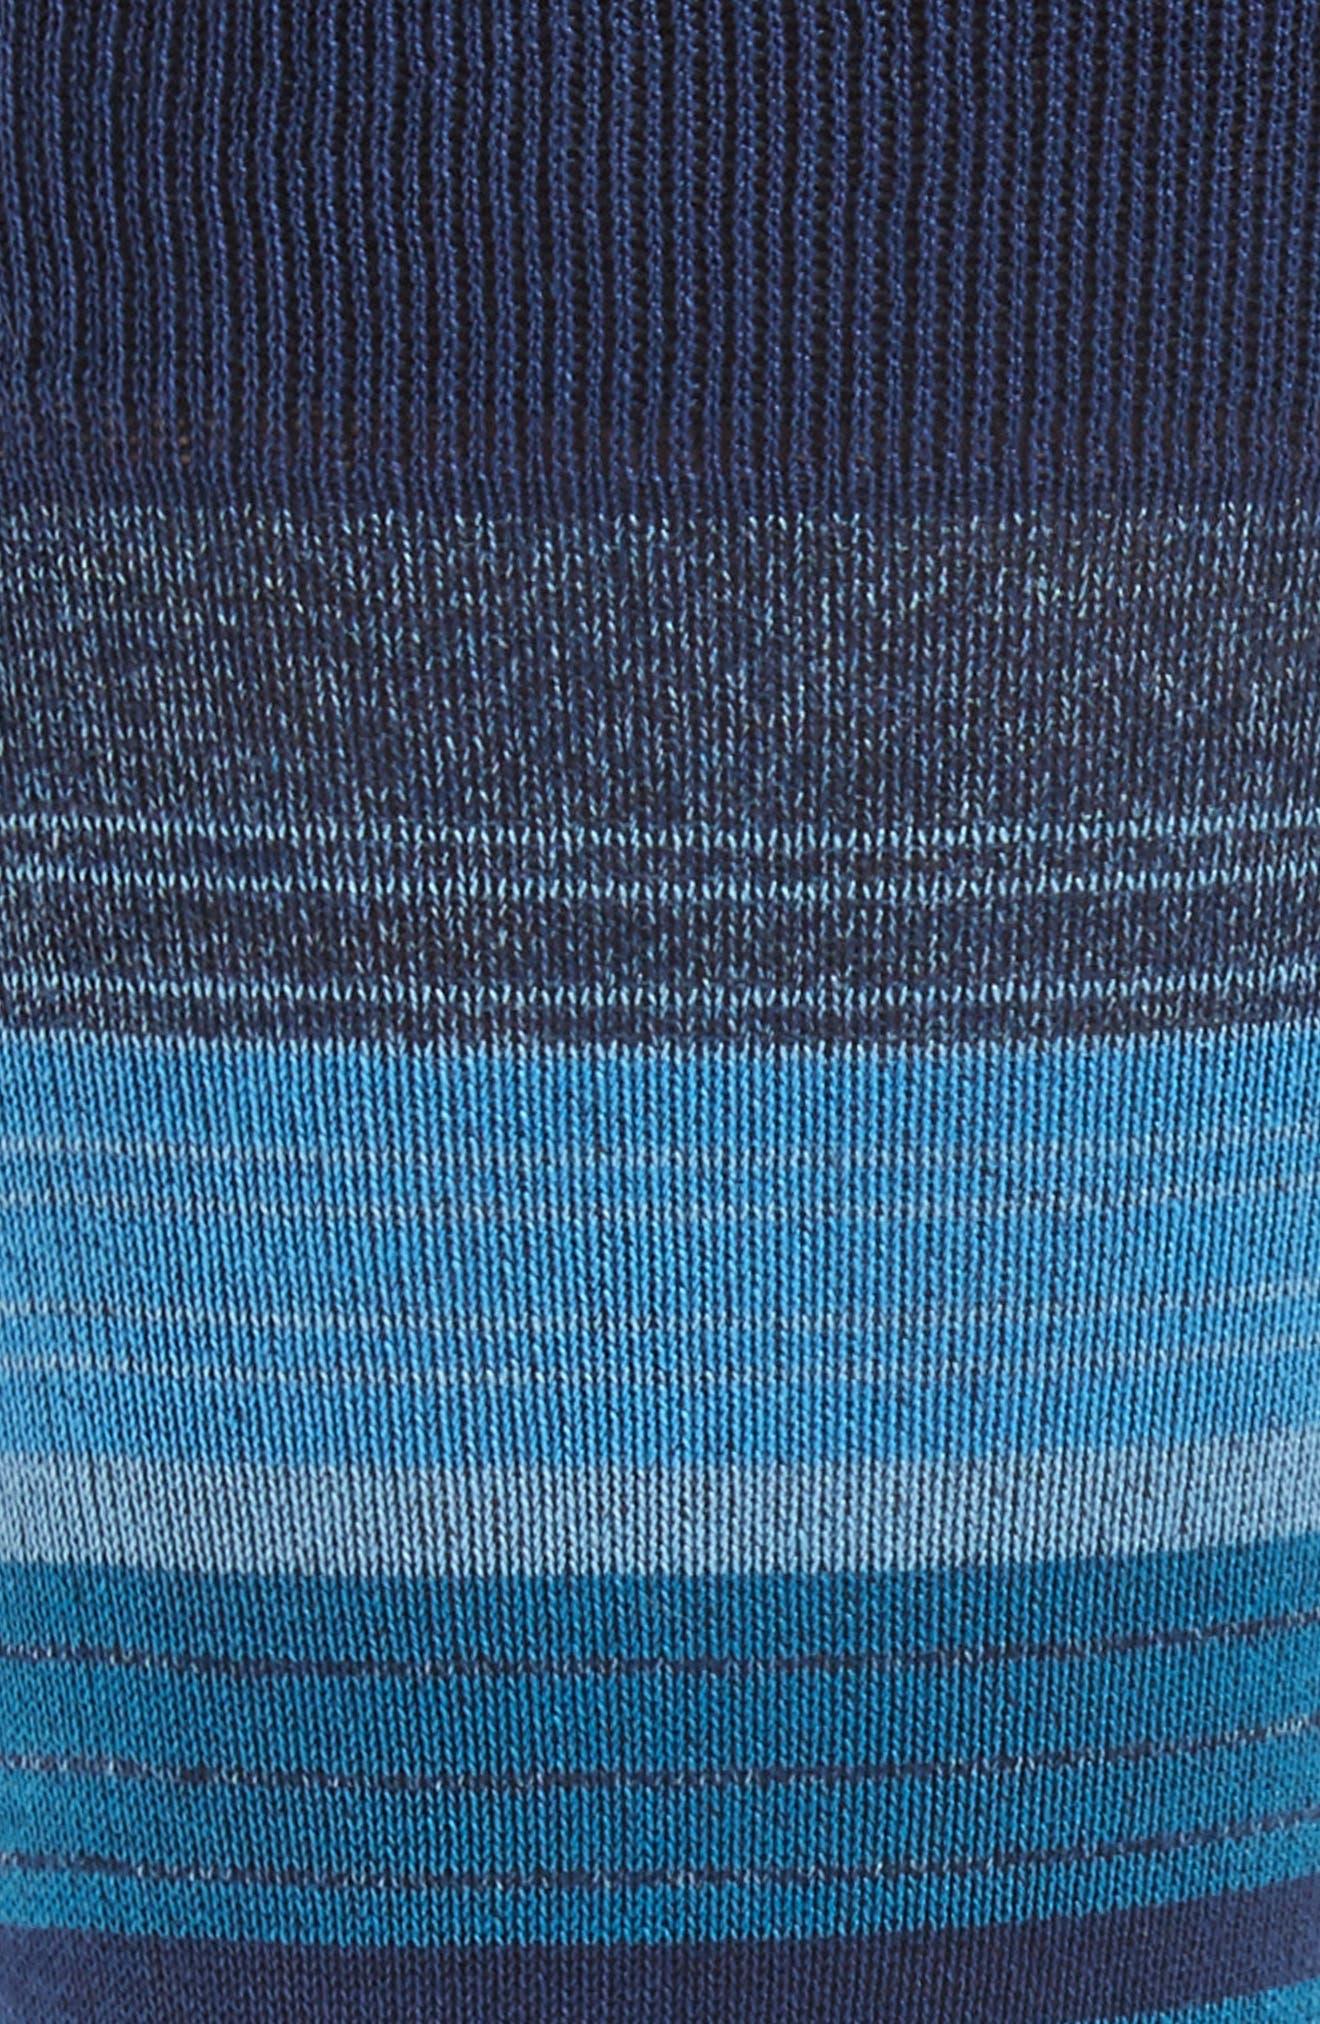 Stripe Mercerized Blend Socks,                             Alternate thumbnail 2, color,                             411